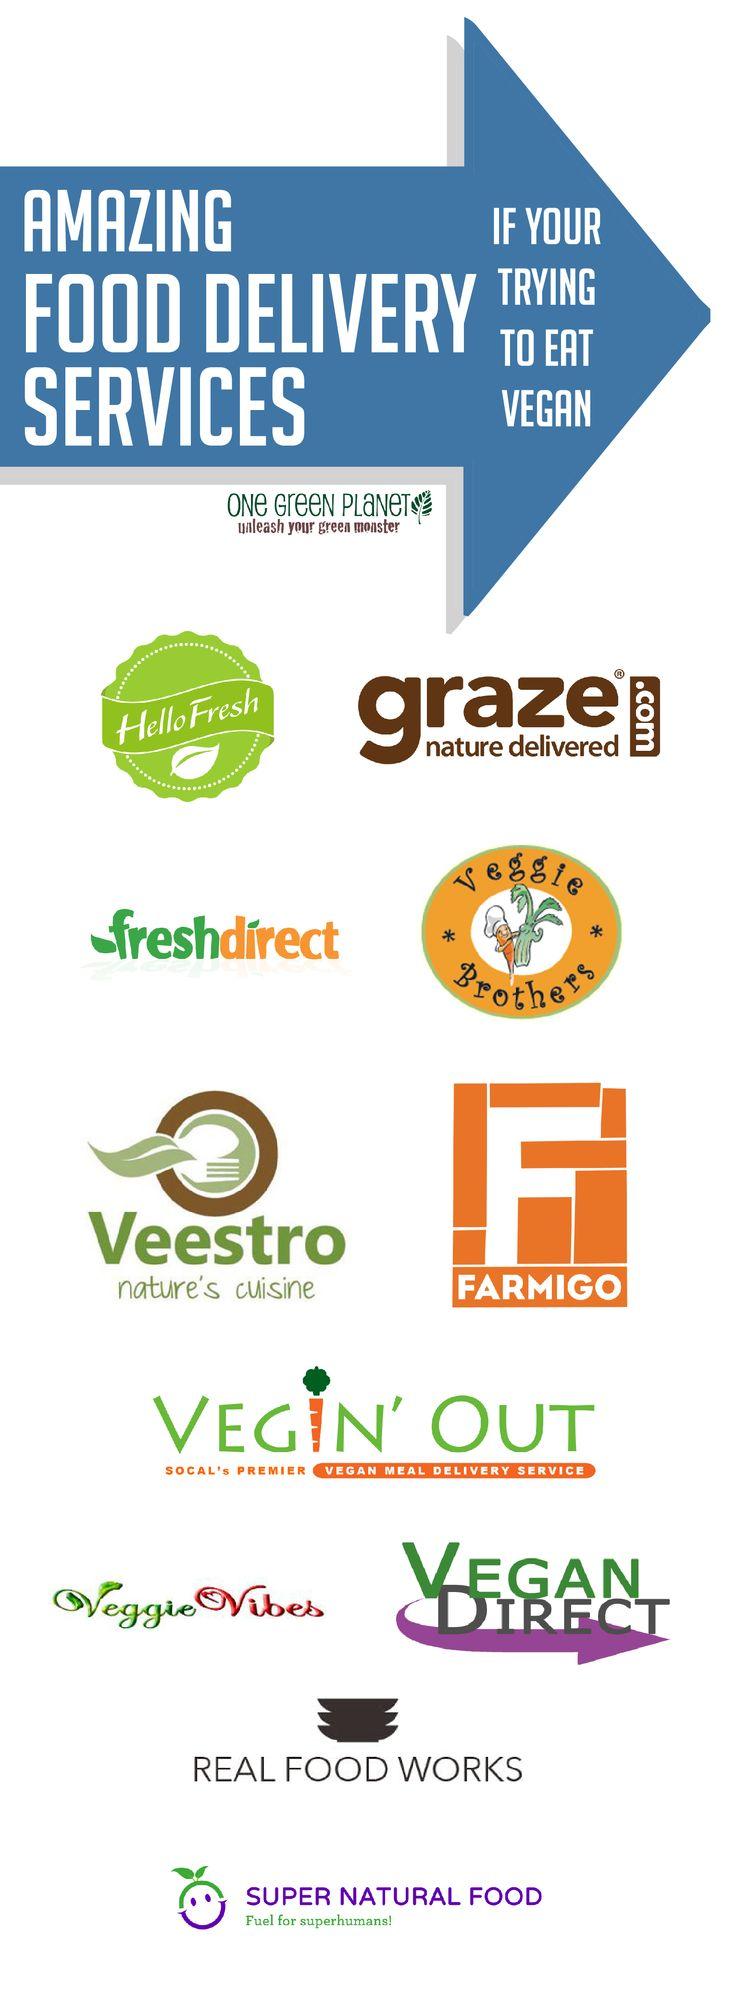 http://onegr.pl/1AVw8o2 #vegan #vegetarian #food #fooddelivery